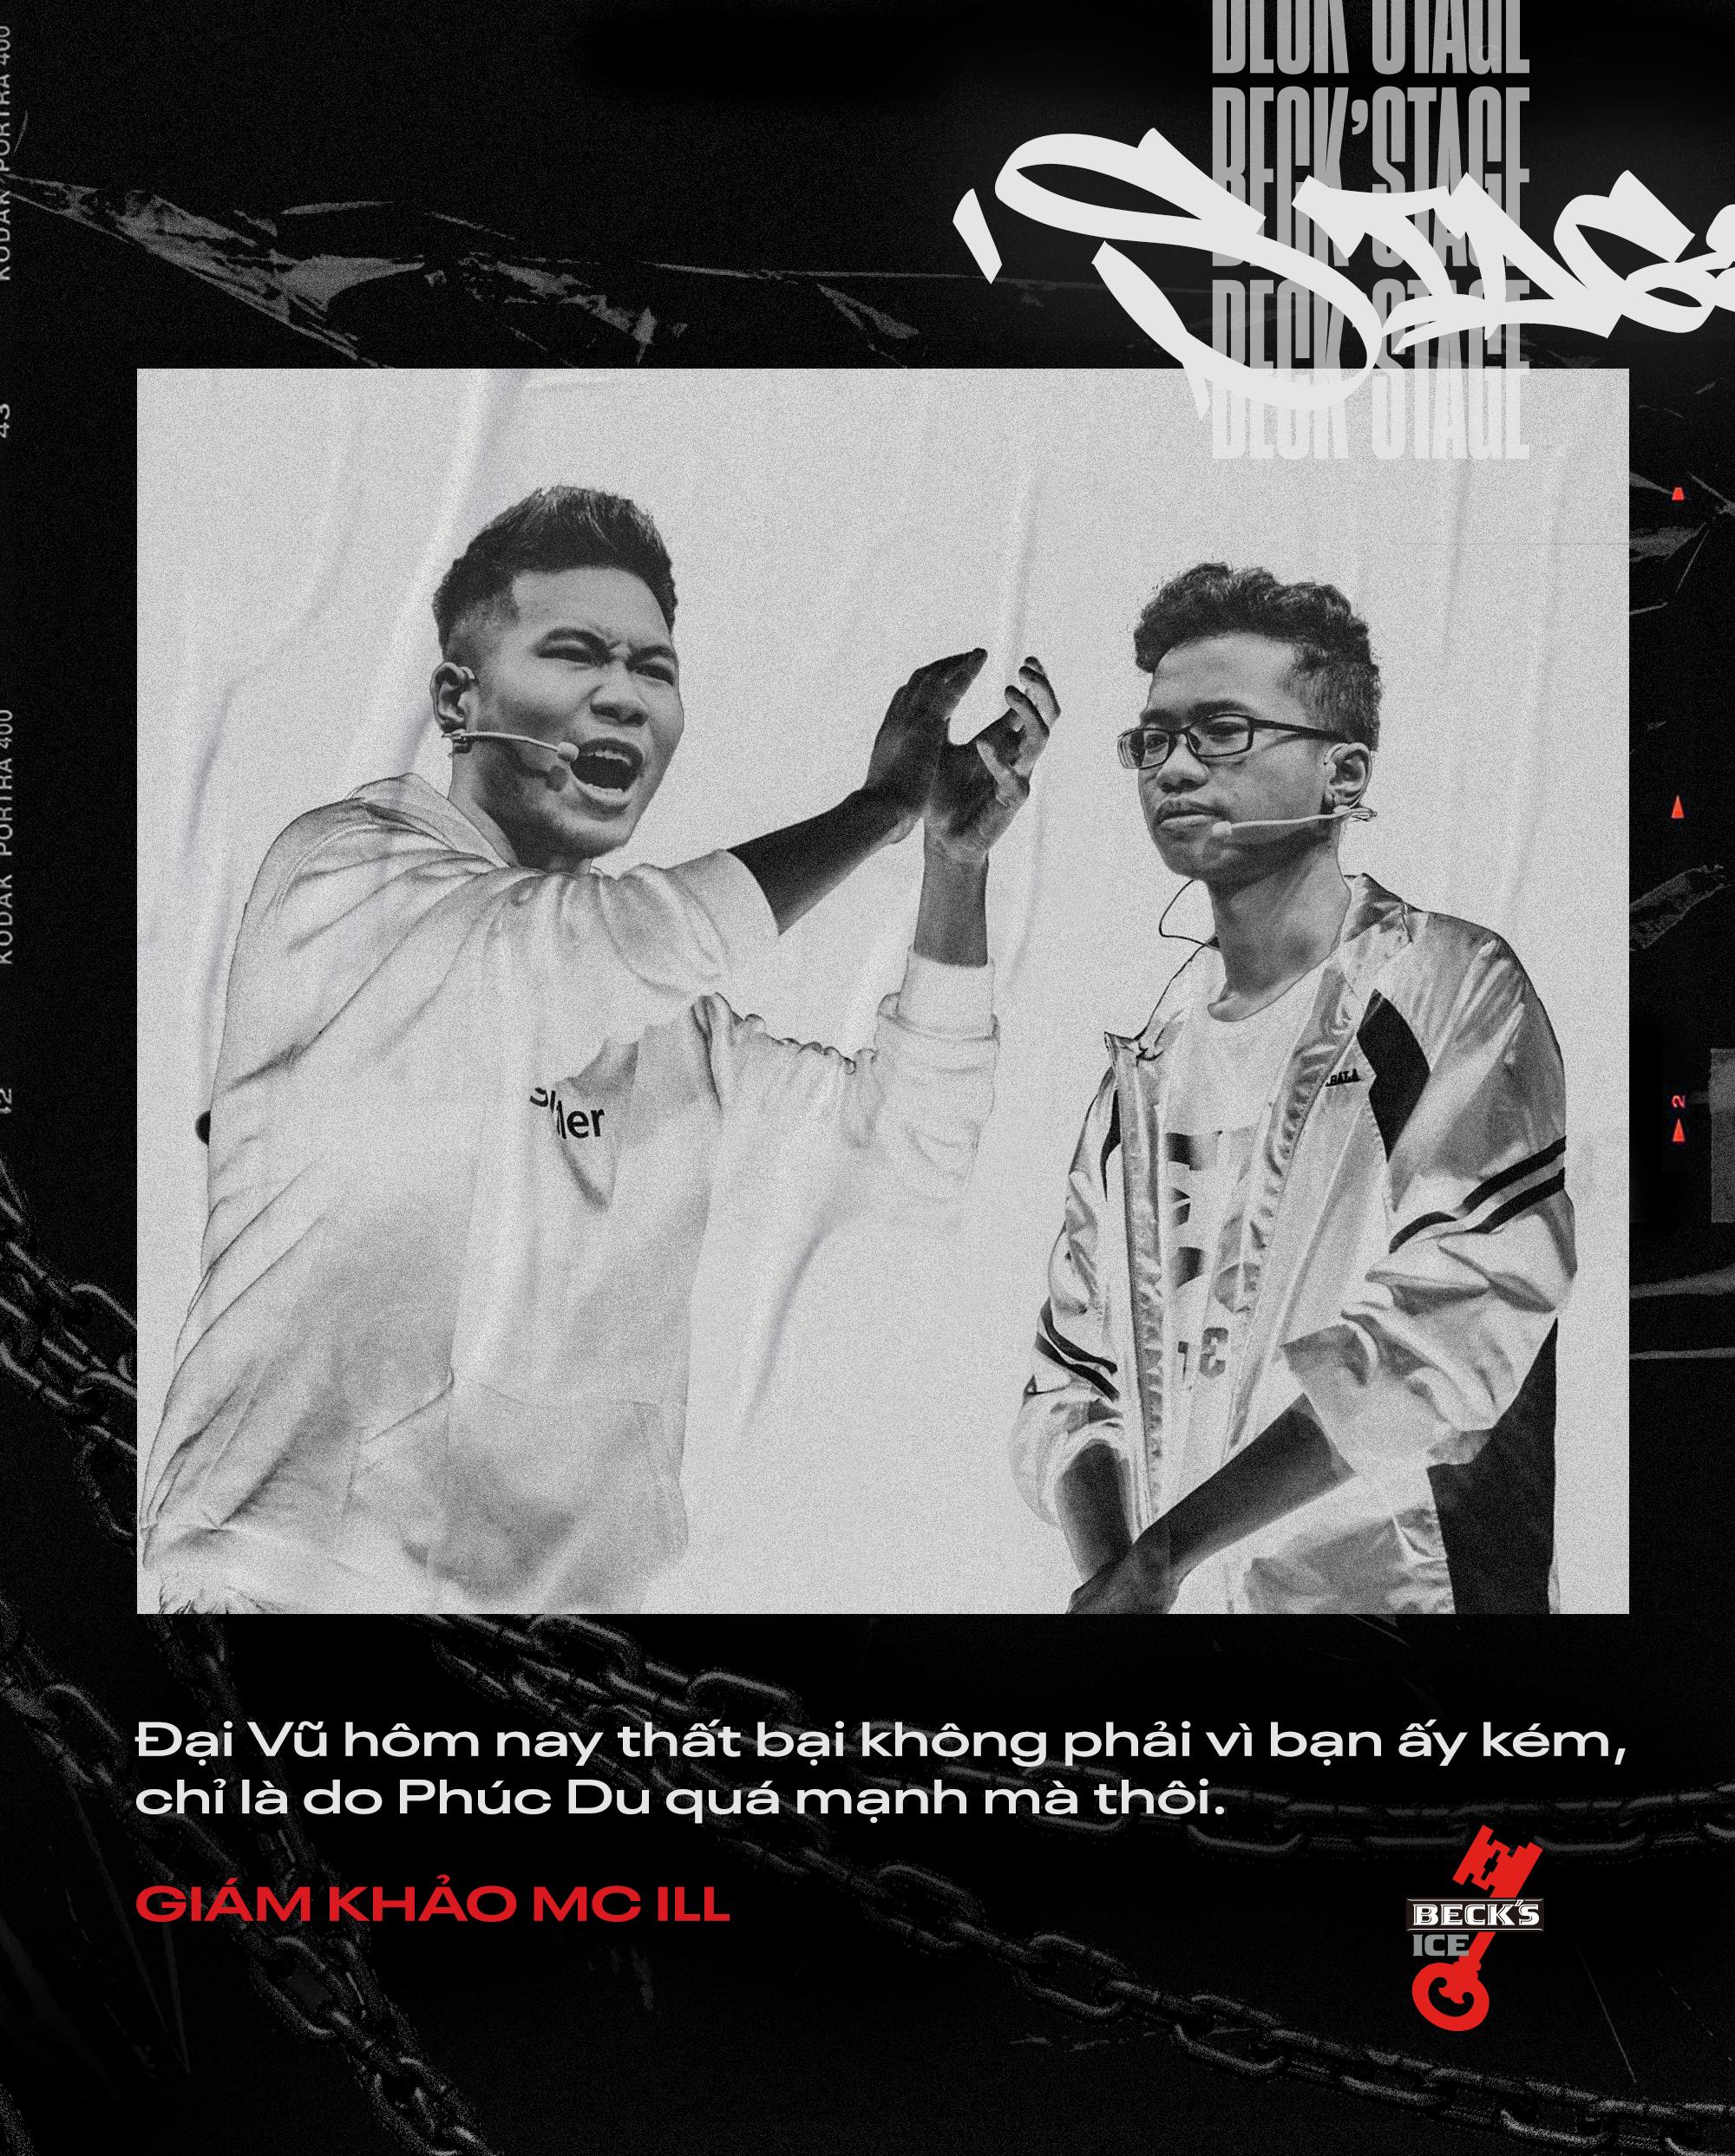 Ngôi vô địch BeckStage Battle Rap đã có chủ: Sóc Nâu và Phúc Du giành lấy ngôi vương đầy thuyết phục, một tương lai đầy hy vọng của rap Việt! - Ảnh 12.